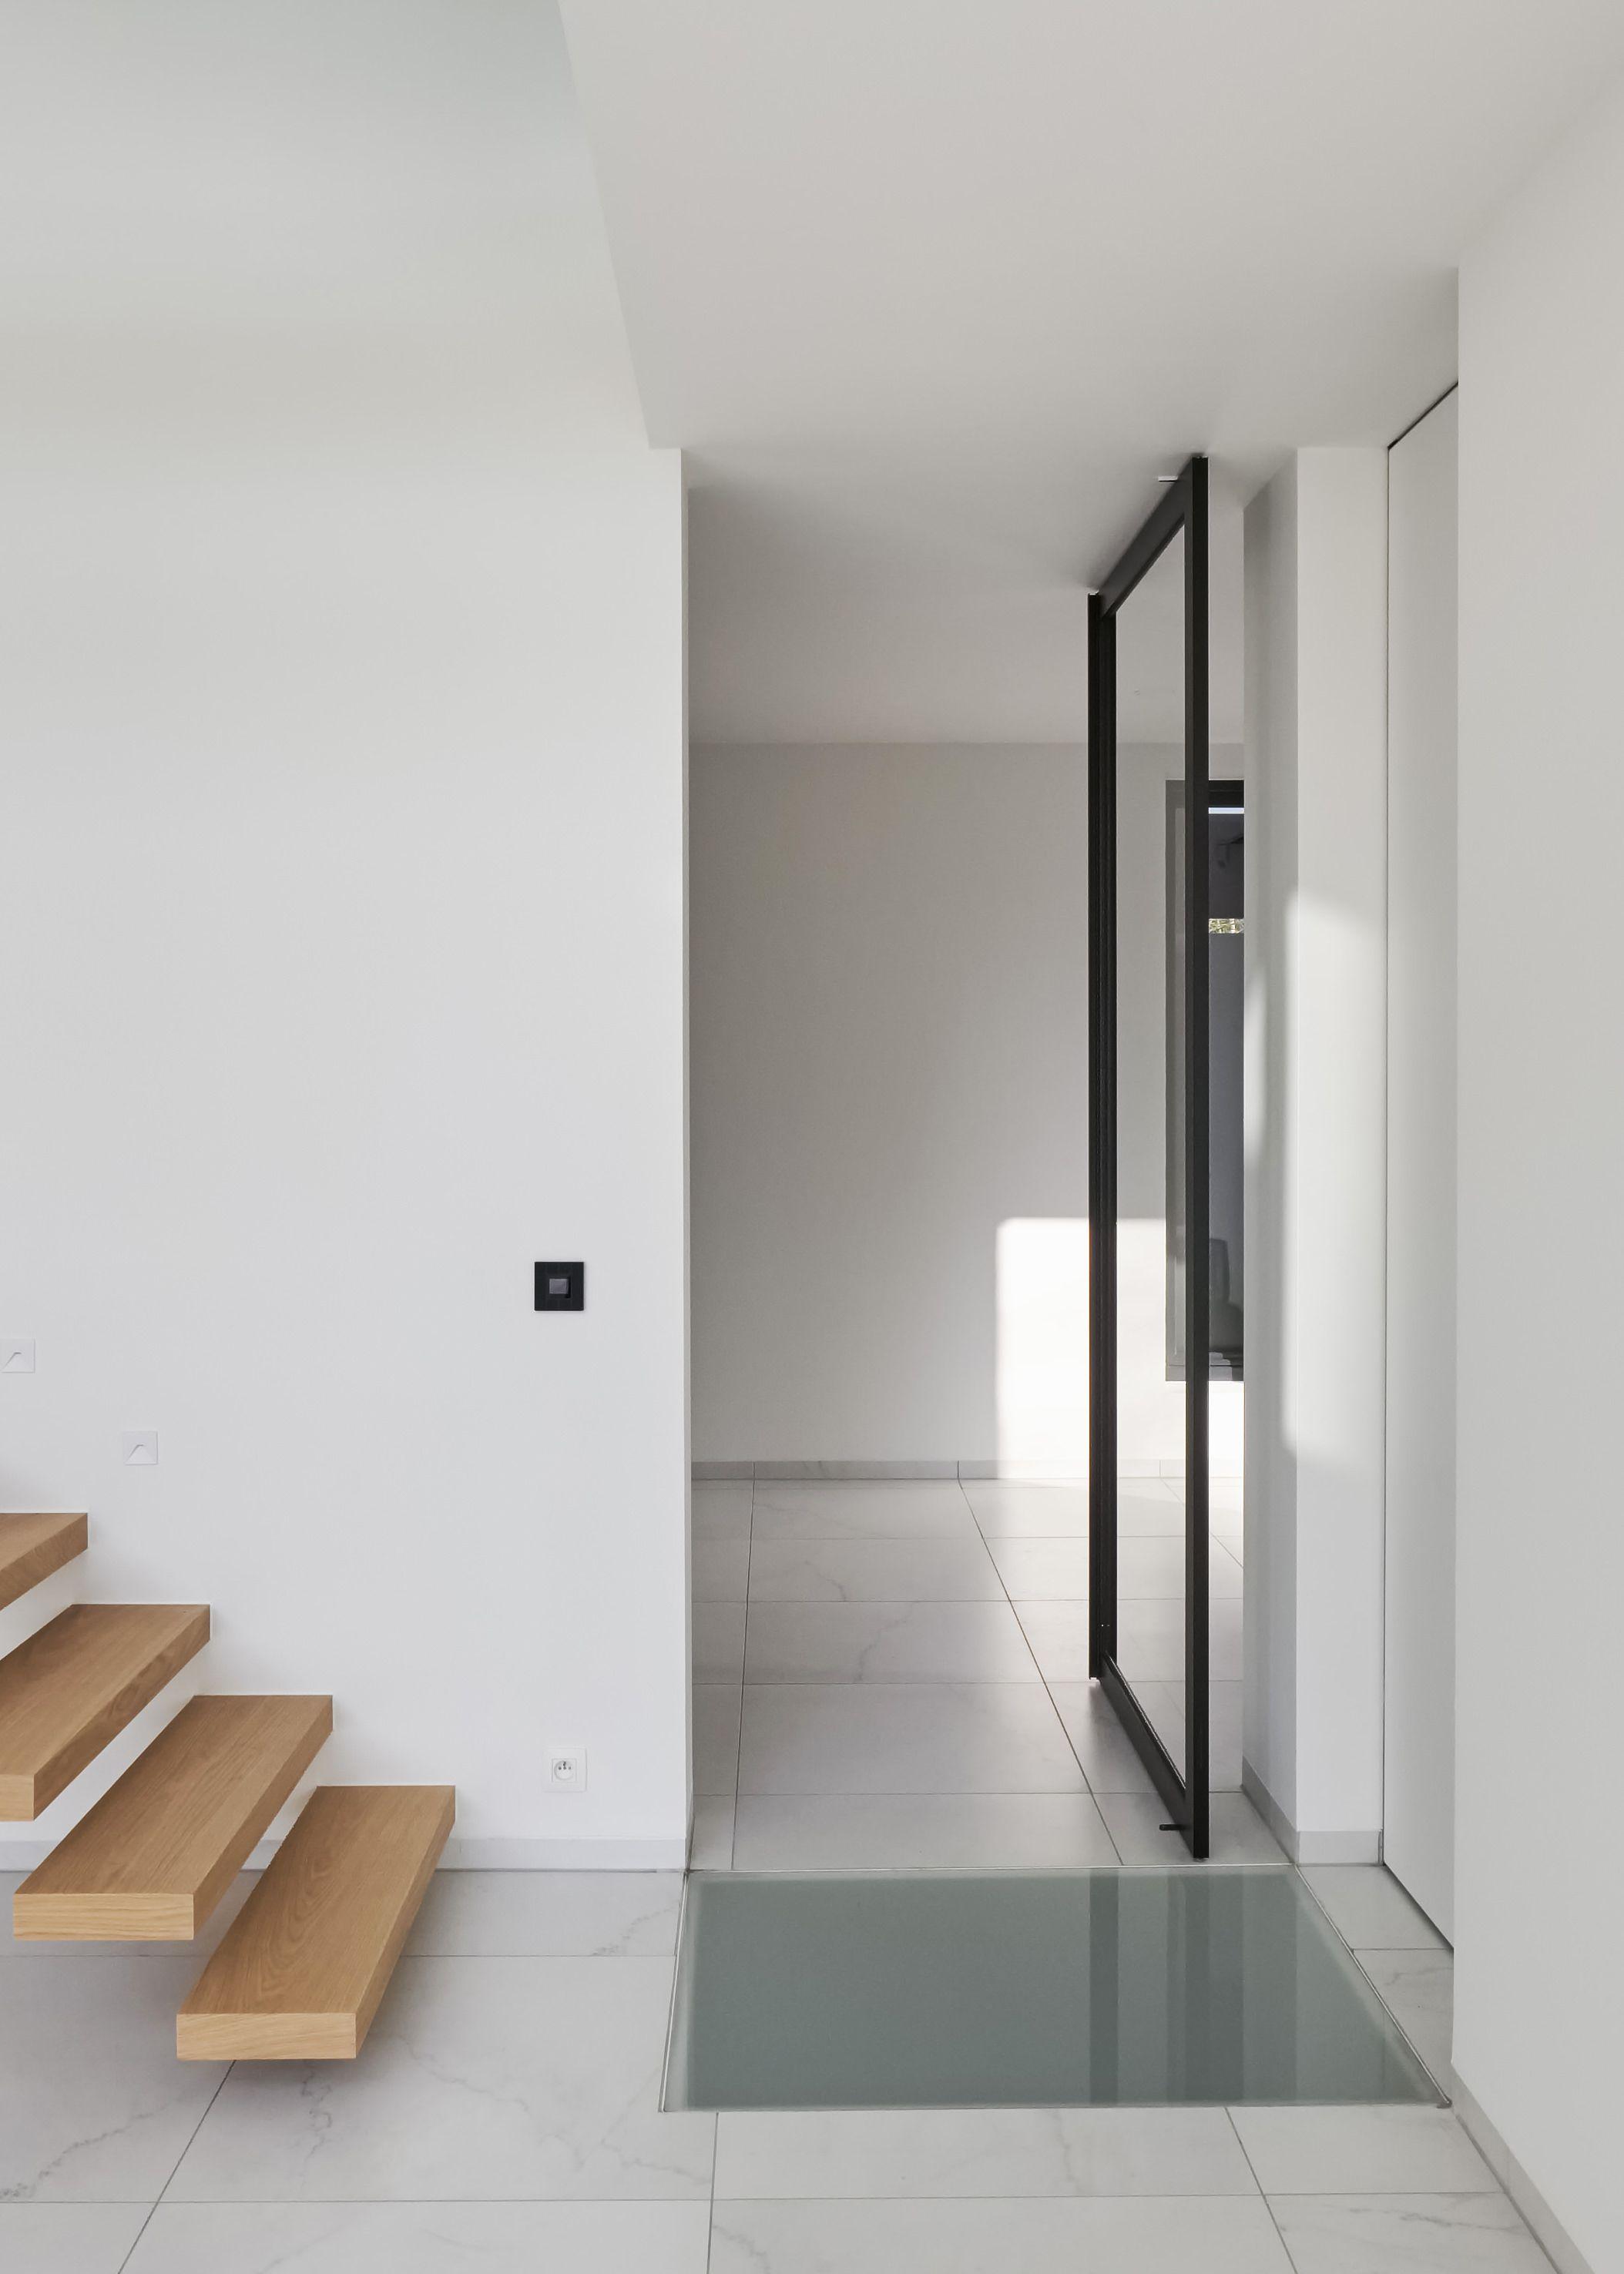 Porte Vitrée Sur Pivot Moderne Avec Des Profiles En Aluminium - Porte vitrée sur pivot